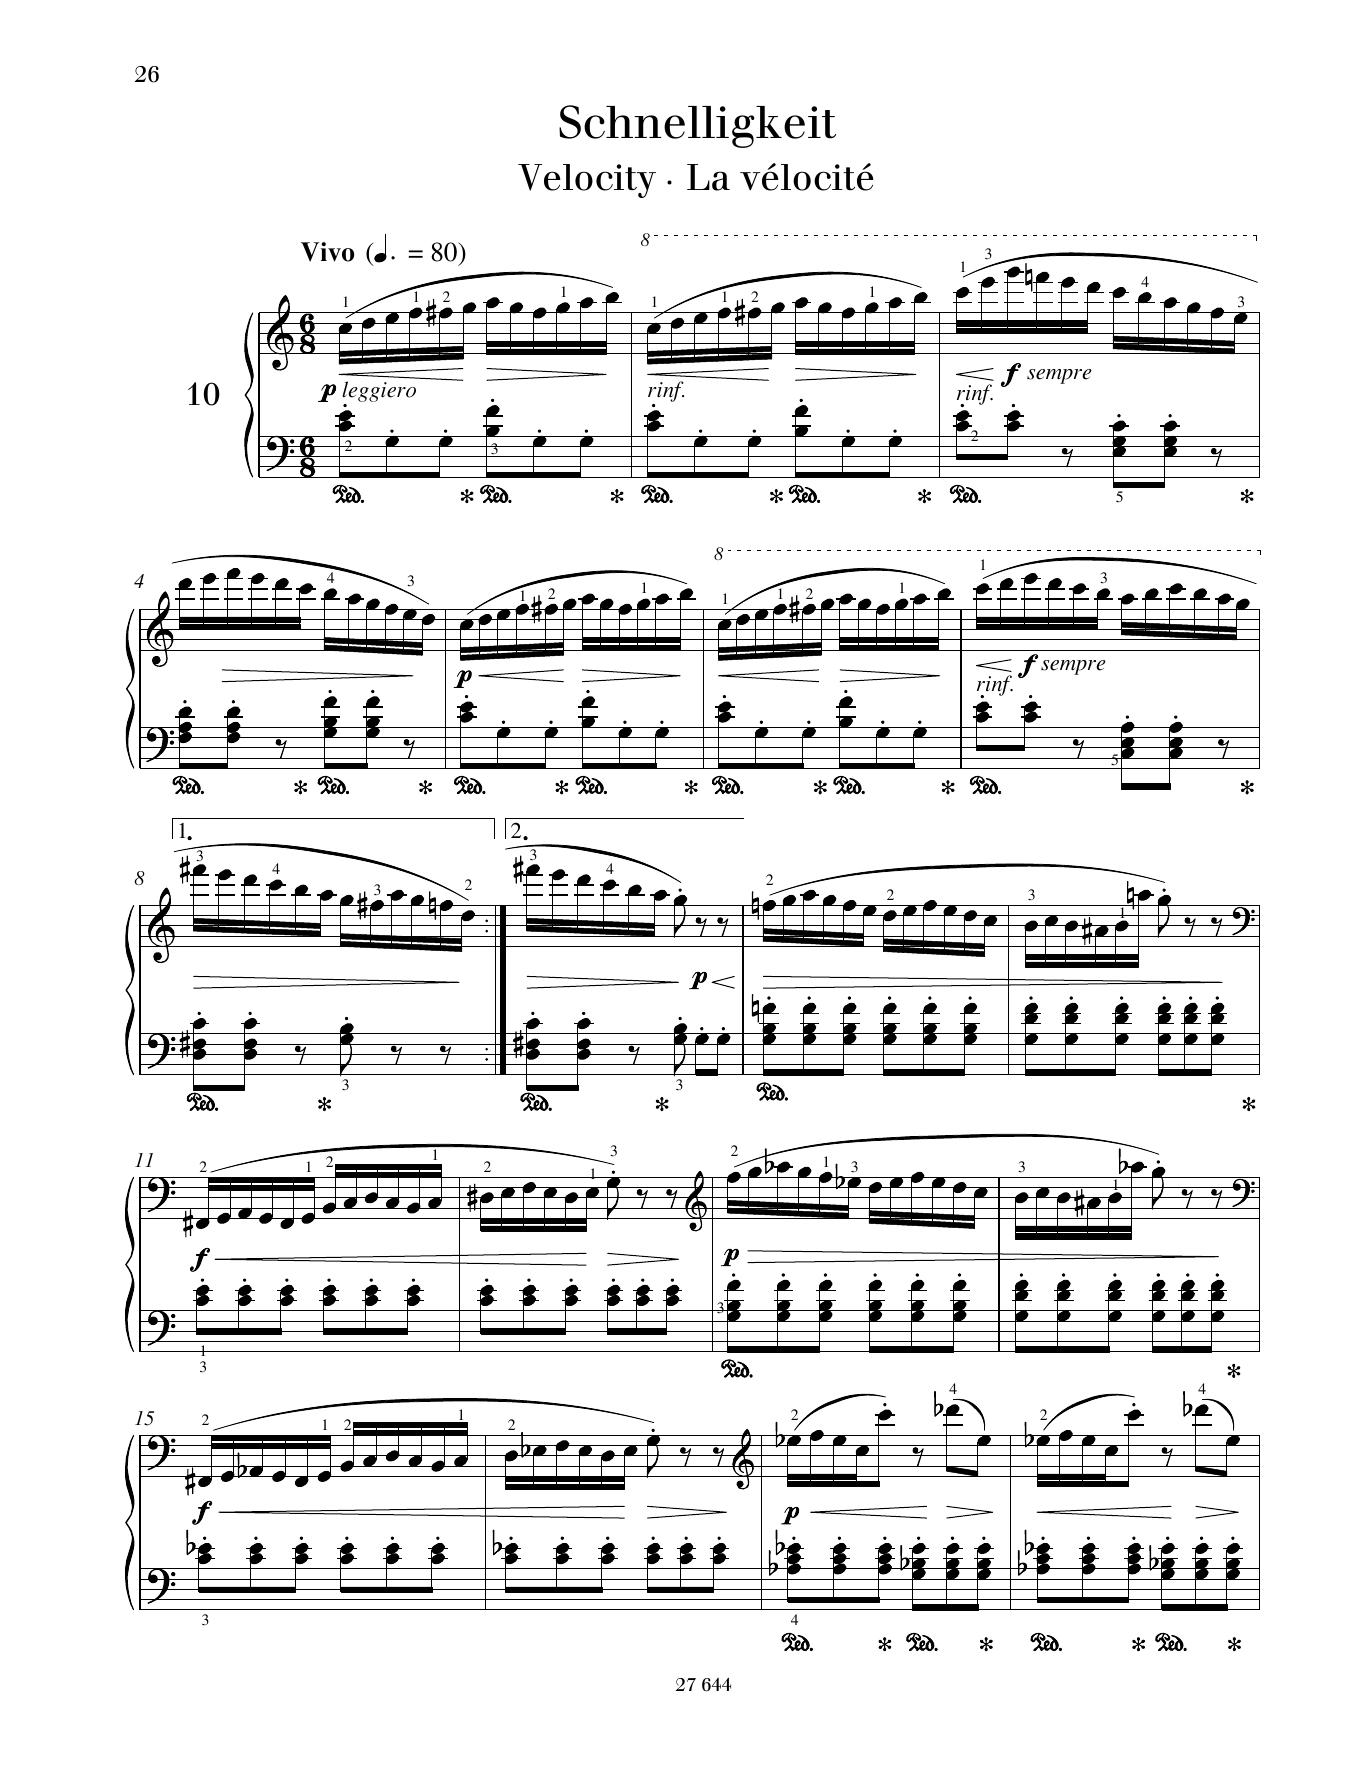 Velocity Sheet Music